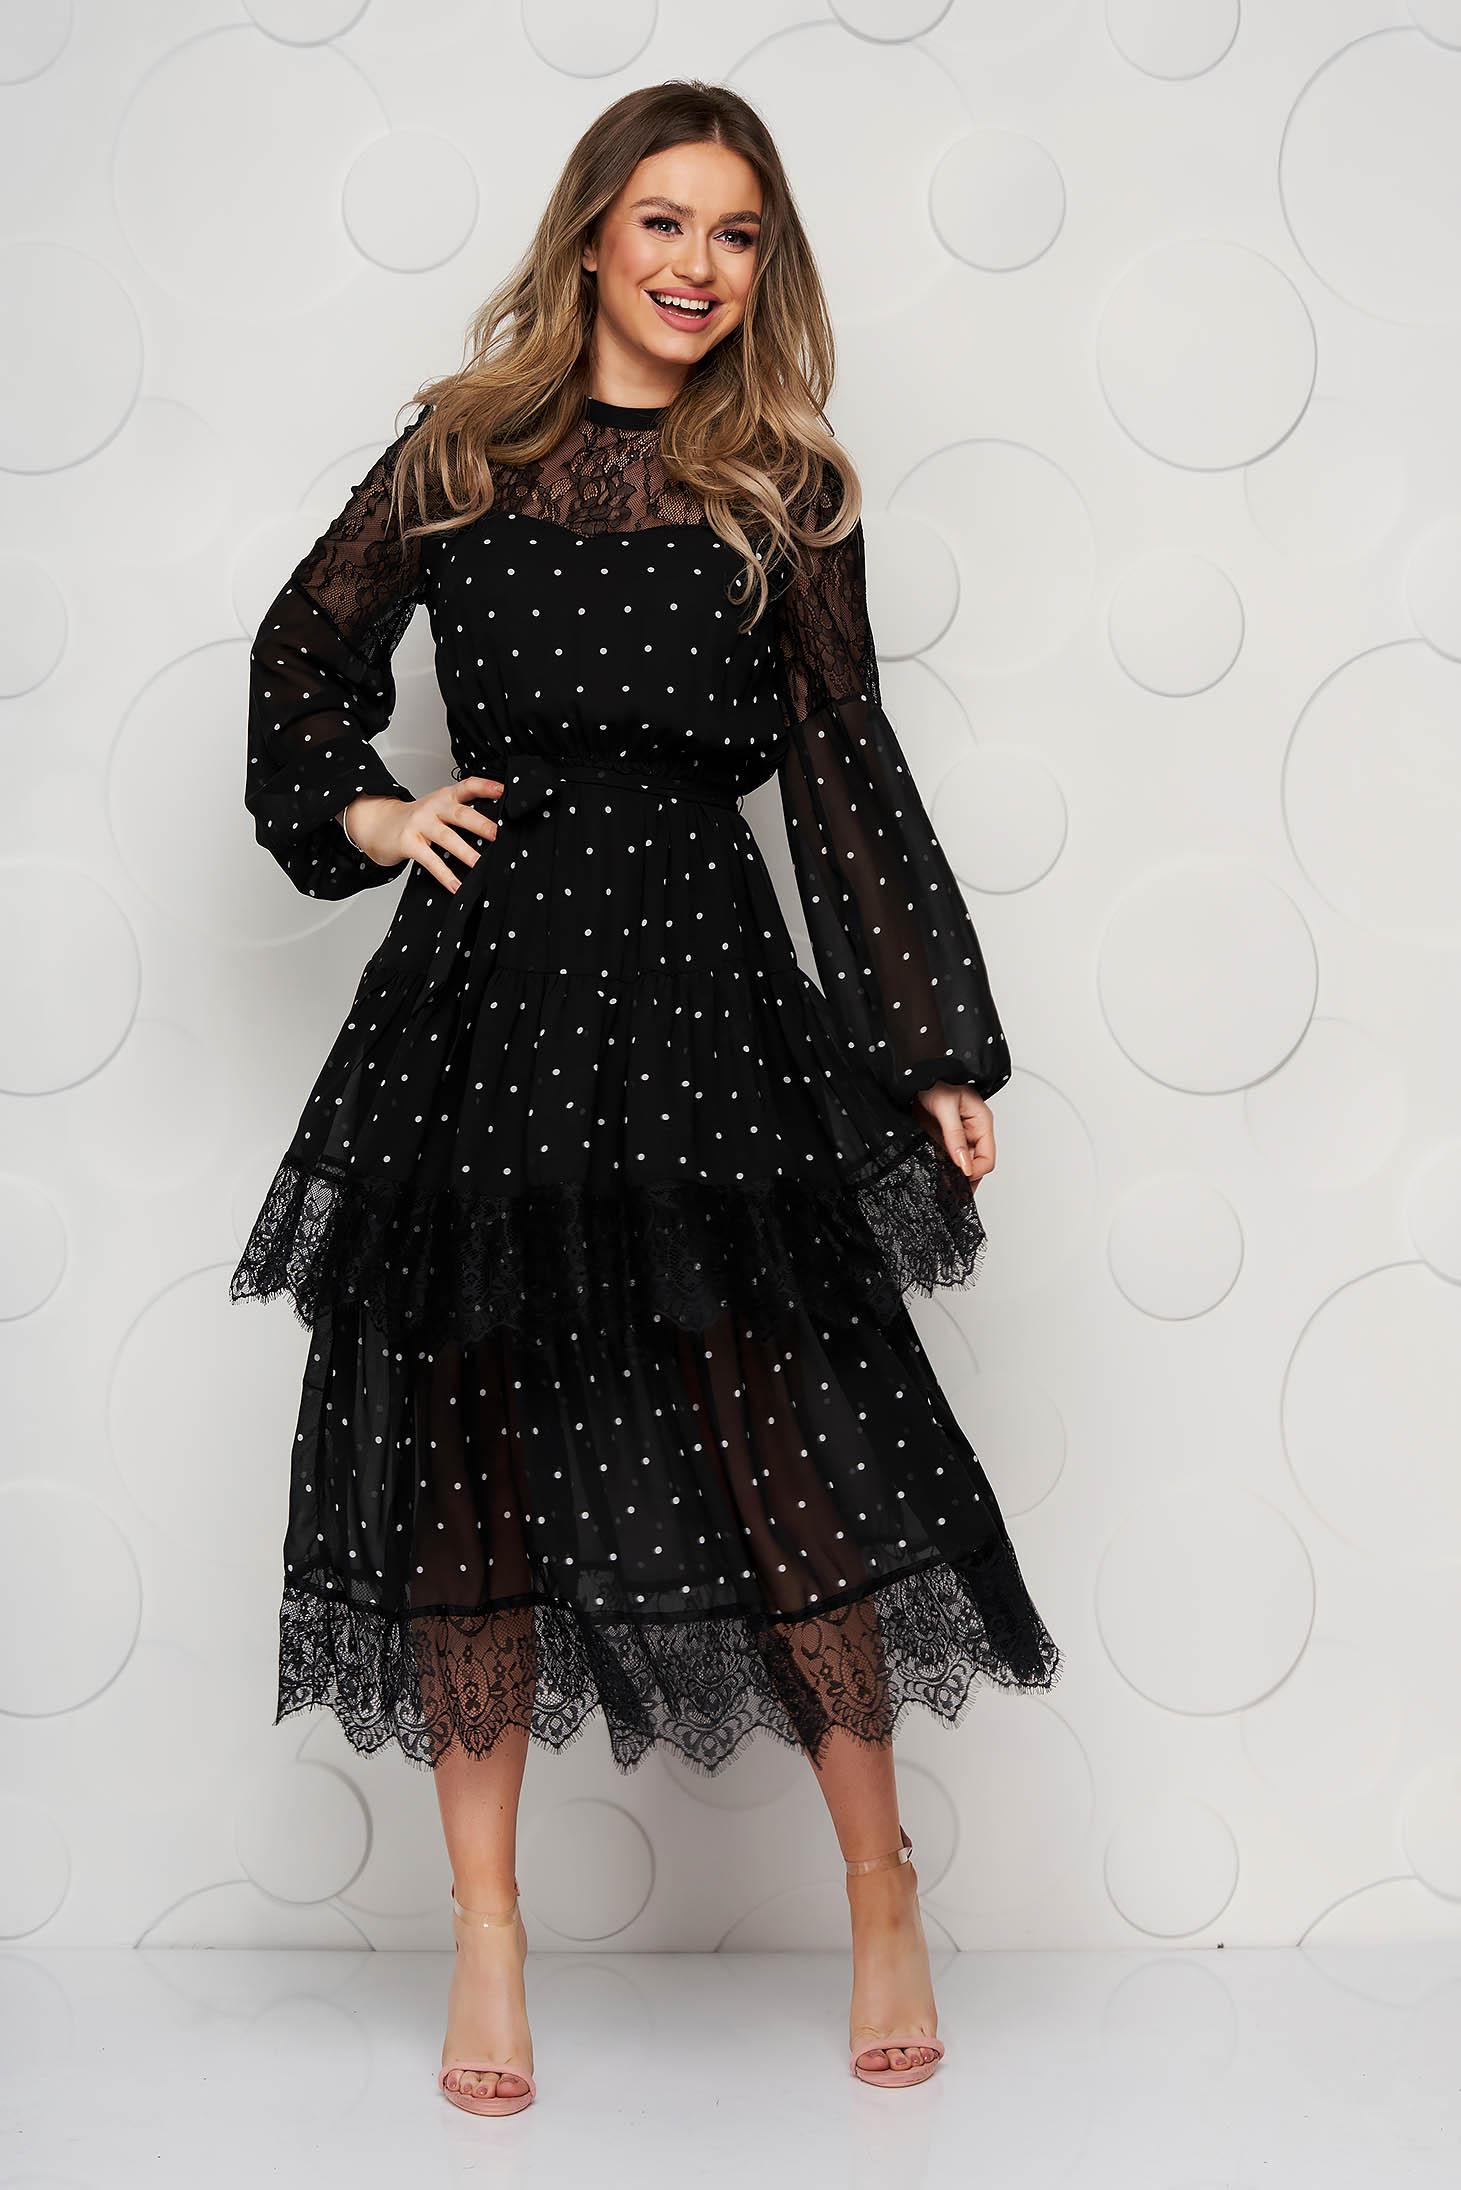 Fekete midi pöttyös harang ruha csipke díszítéssel és övvel ellátva